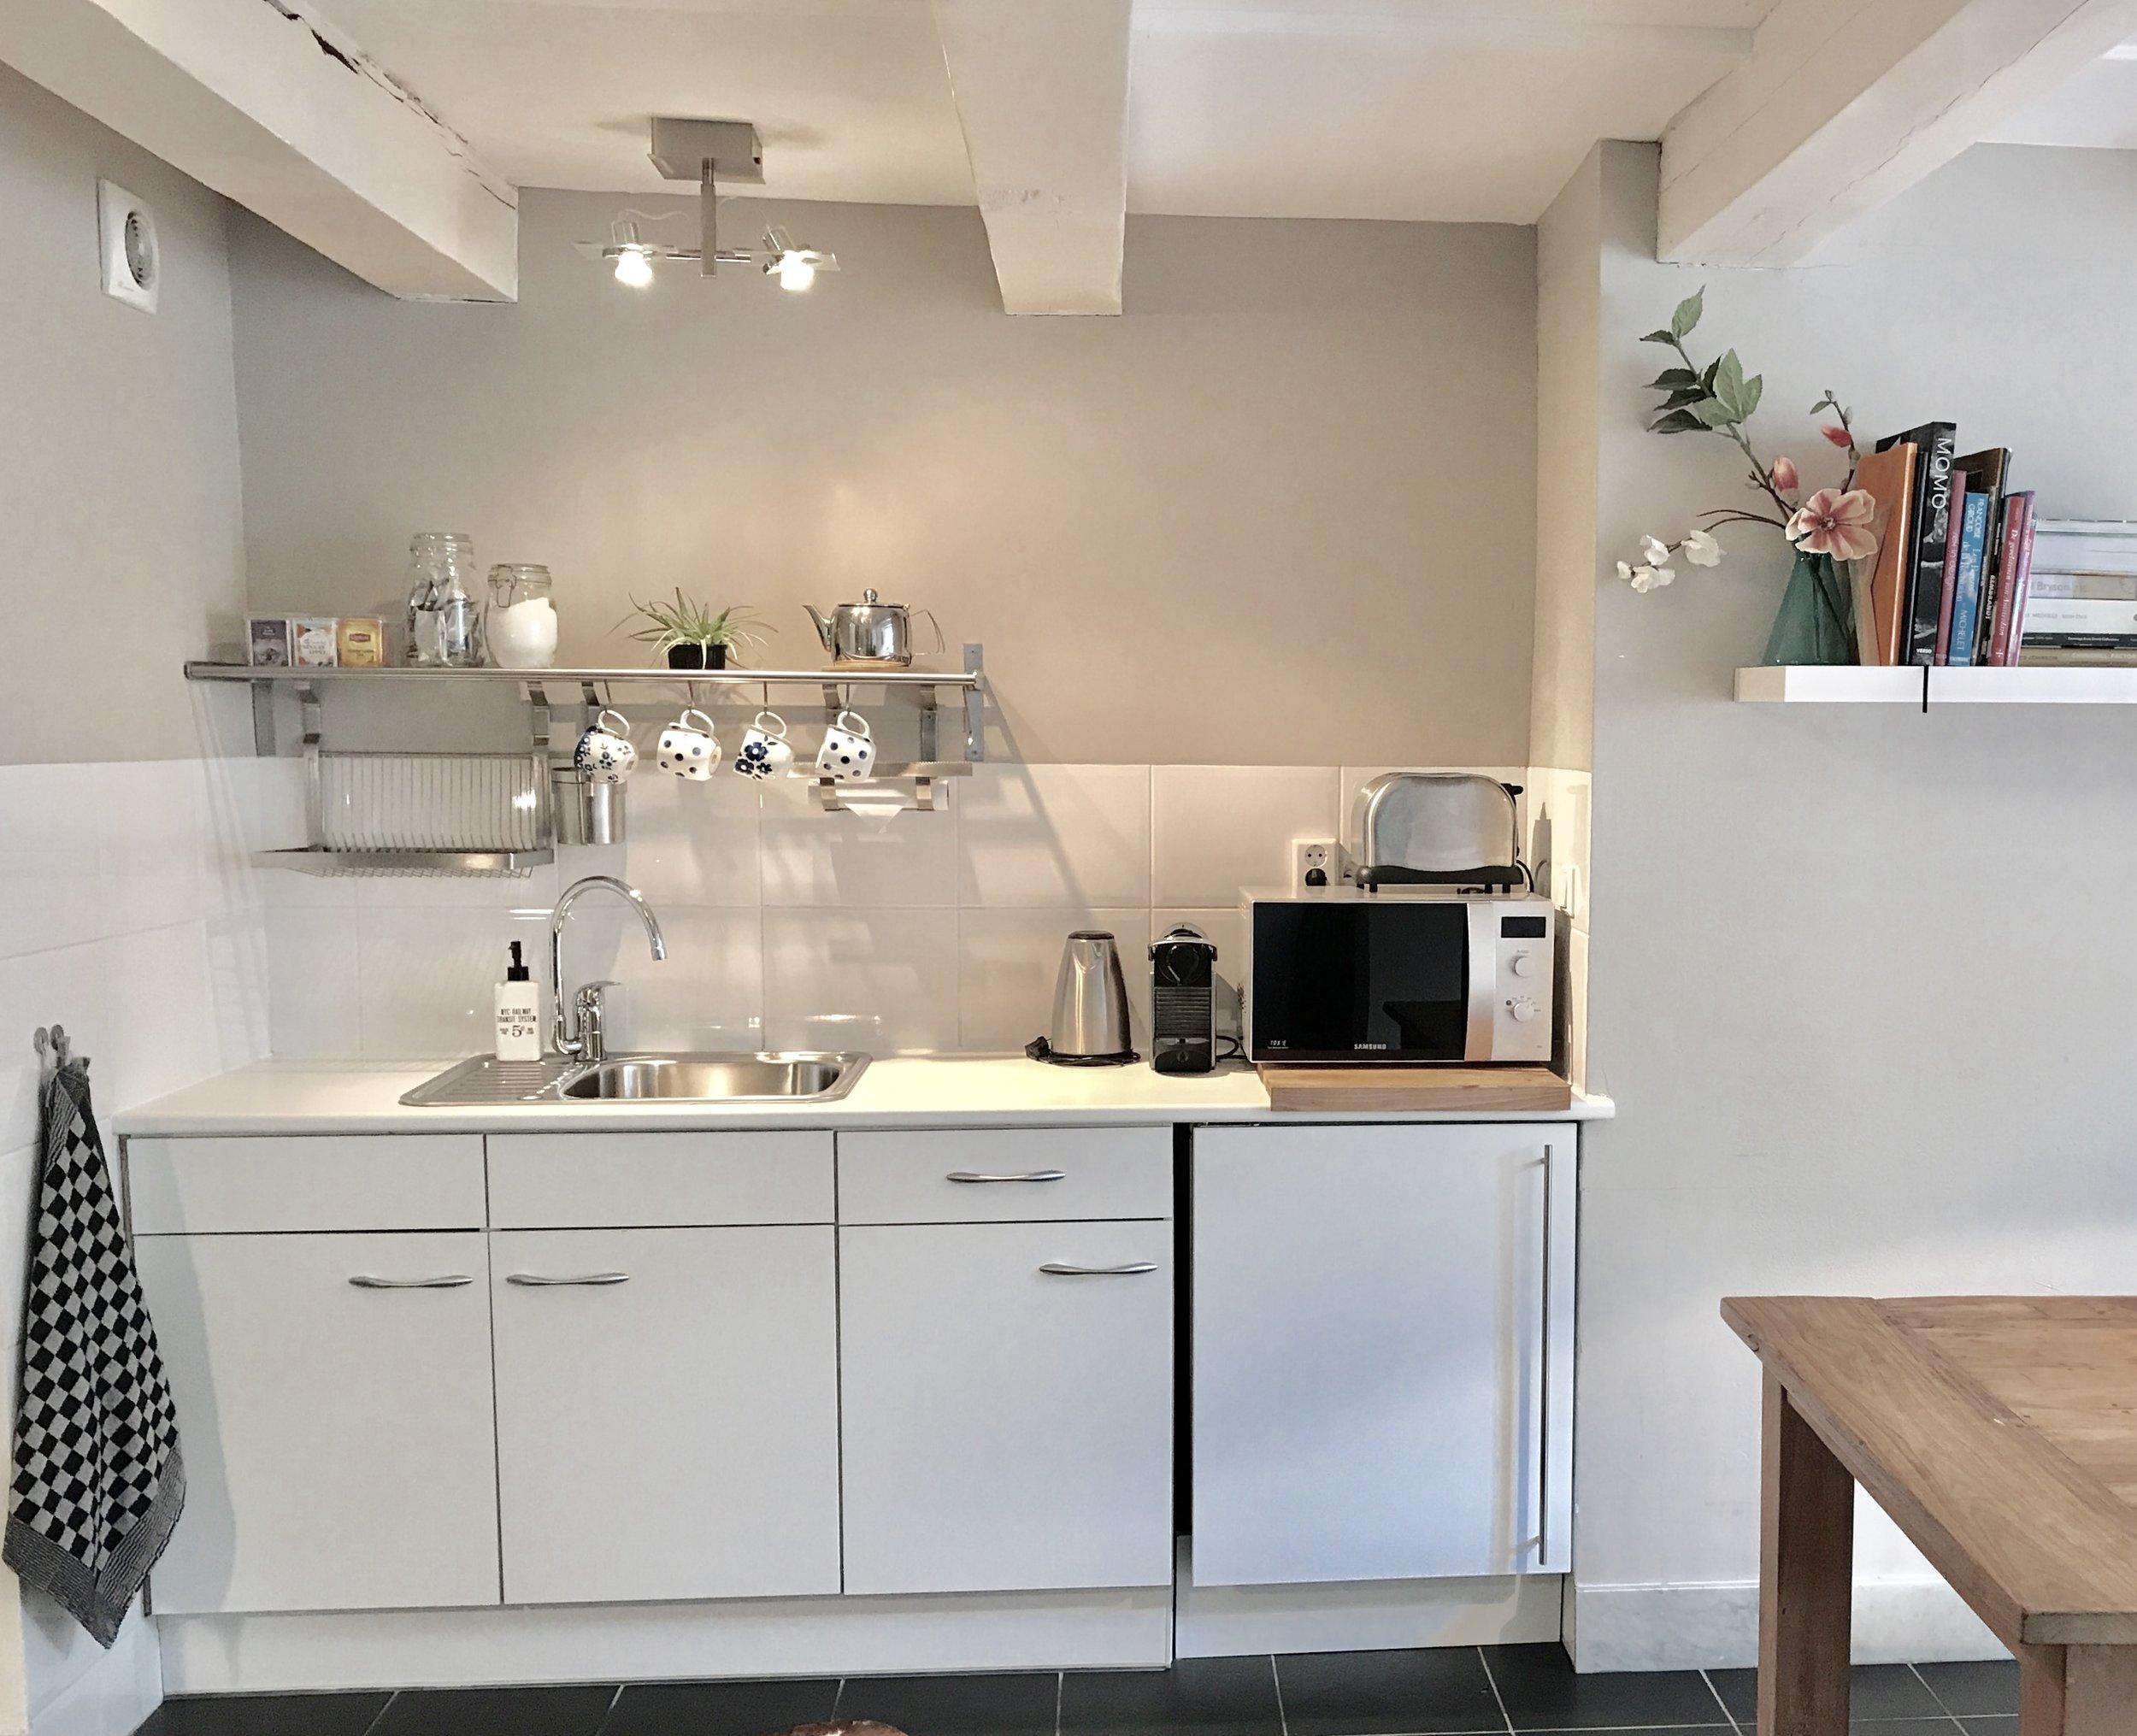 House Design Keuken : About u2014 coho suites